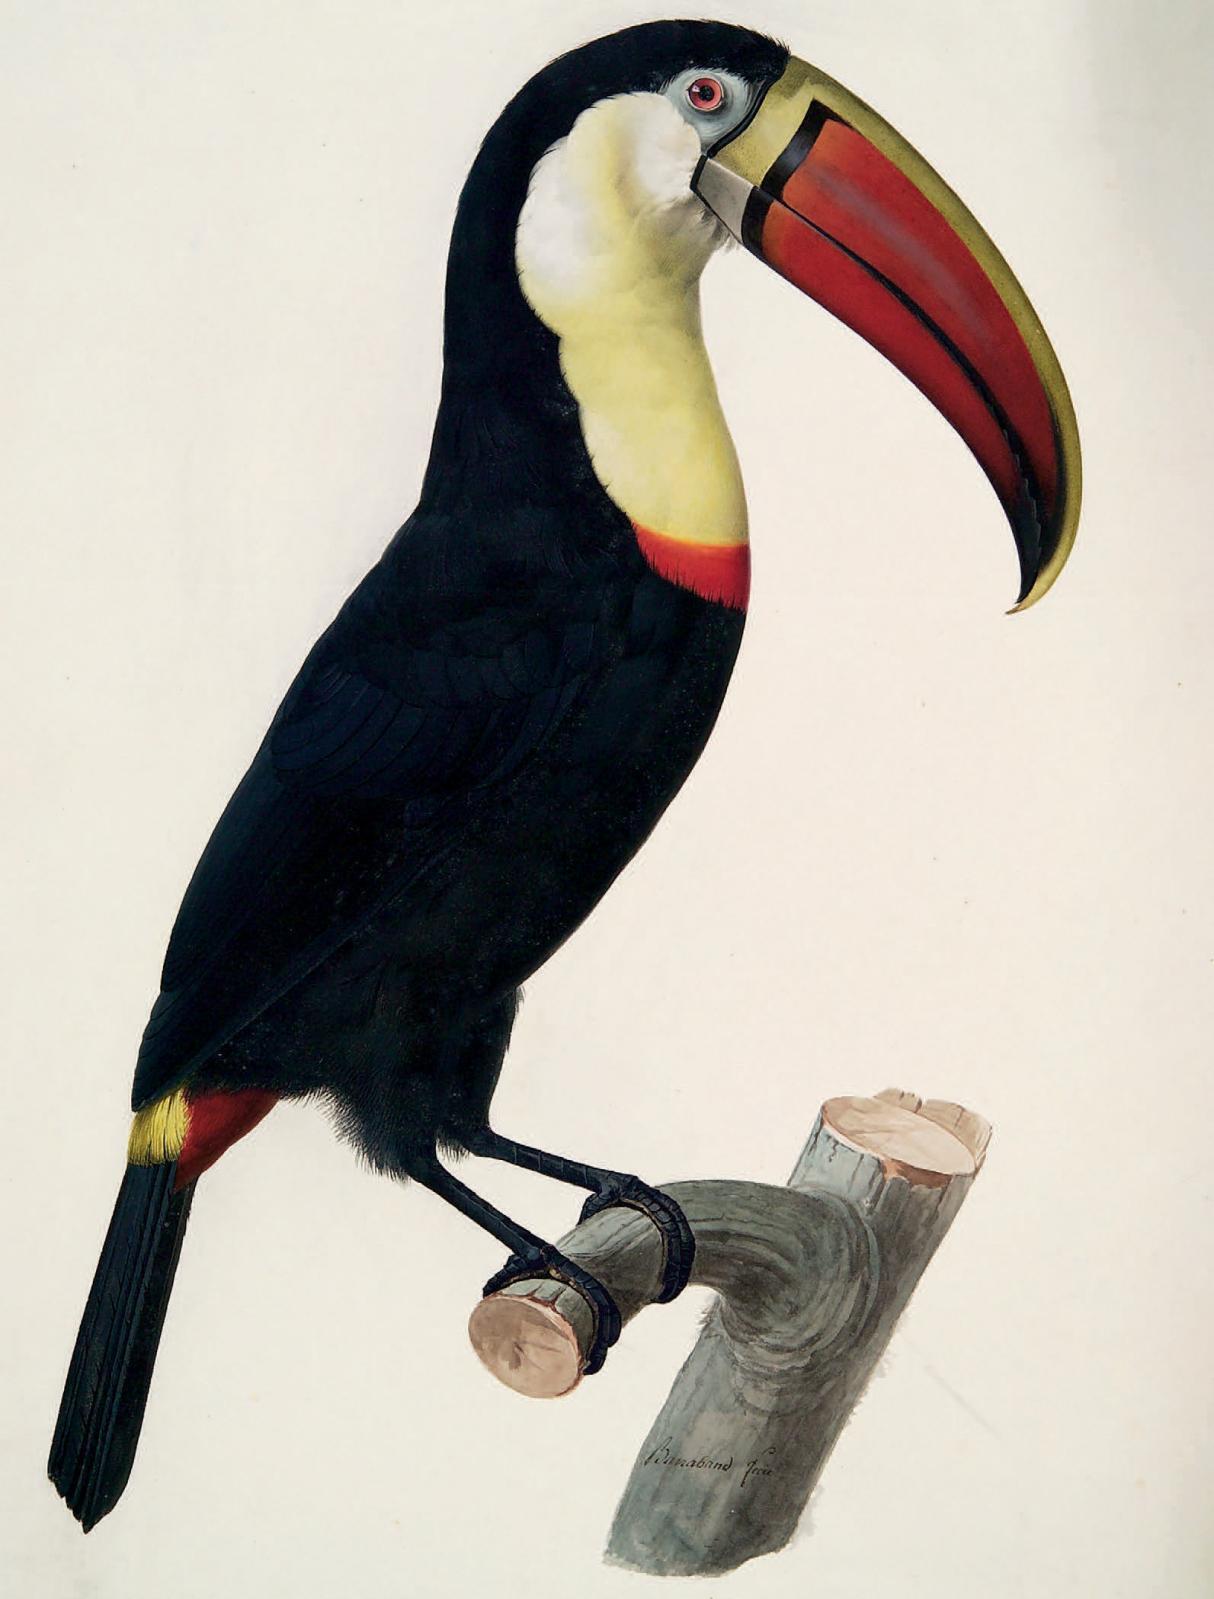 Jacques Barraband, Toucan (Ramphastos tucanus), aquarelle gouachée, 52,2x38,2 cm.Paris, Drouot, 17mars2010,Blanchet & Associés SVV. M. Turquin. 12